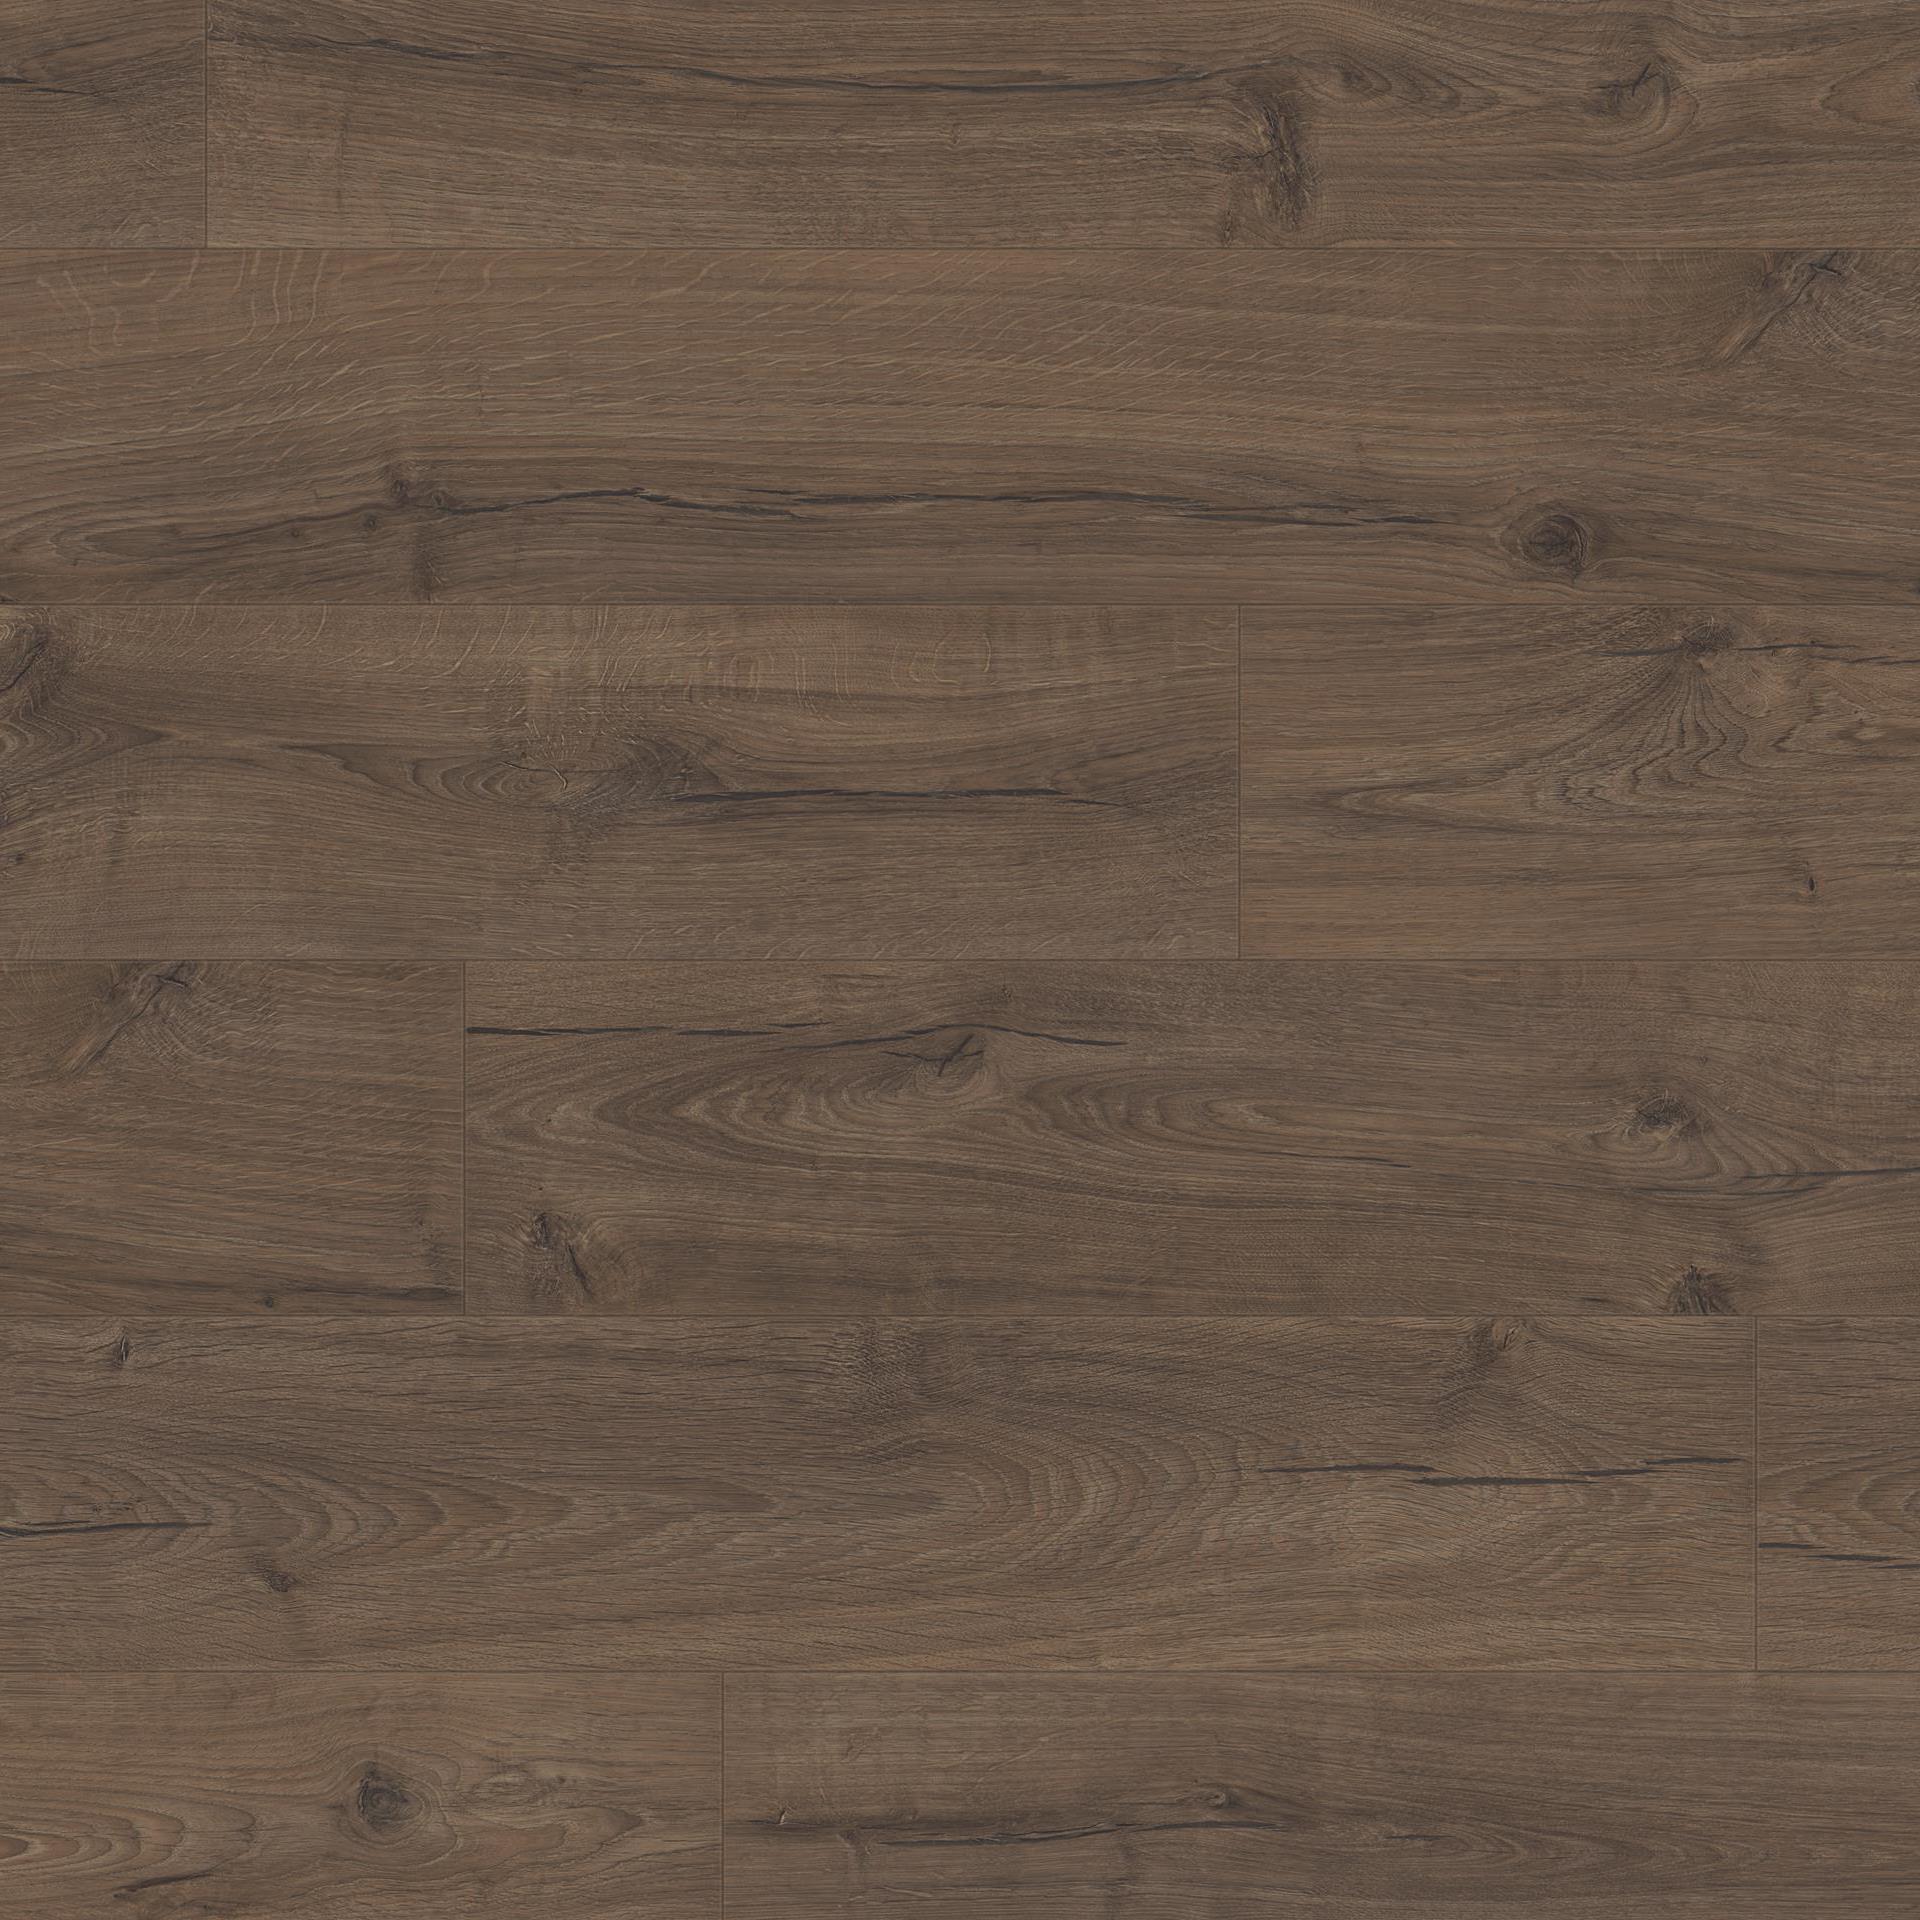 Maison Oak Envique Collection Laminate